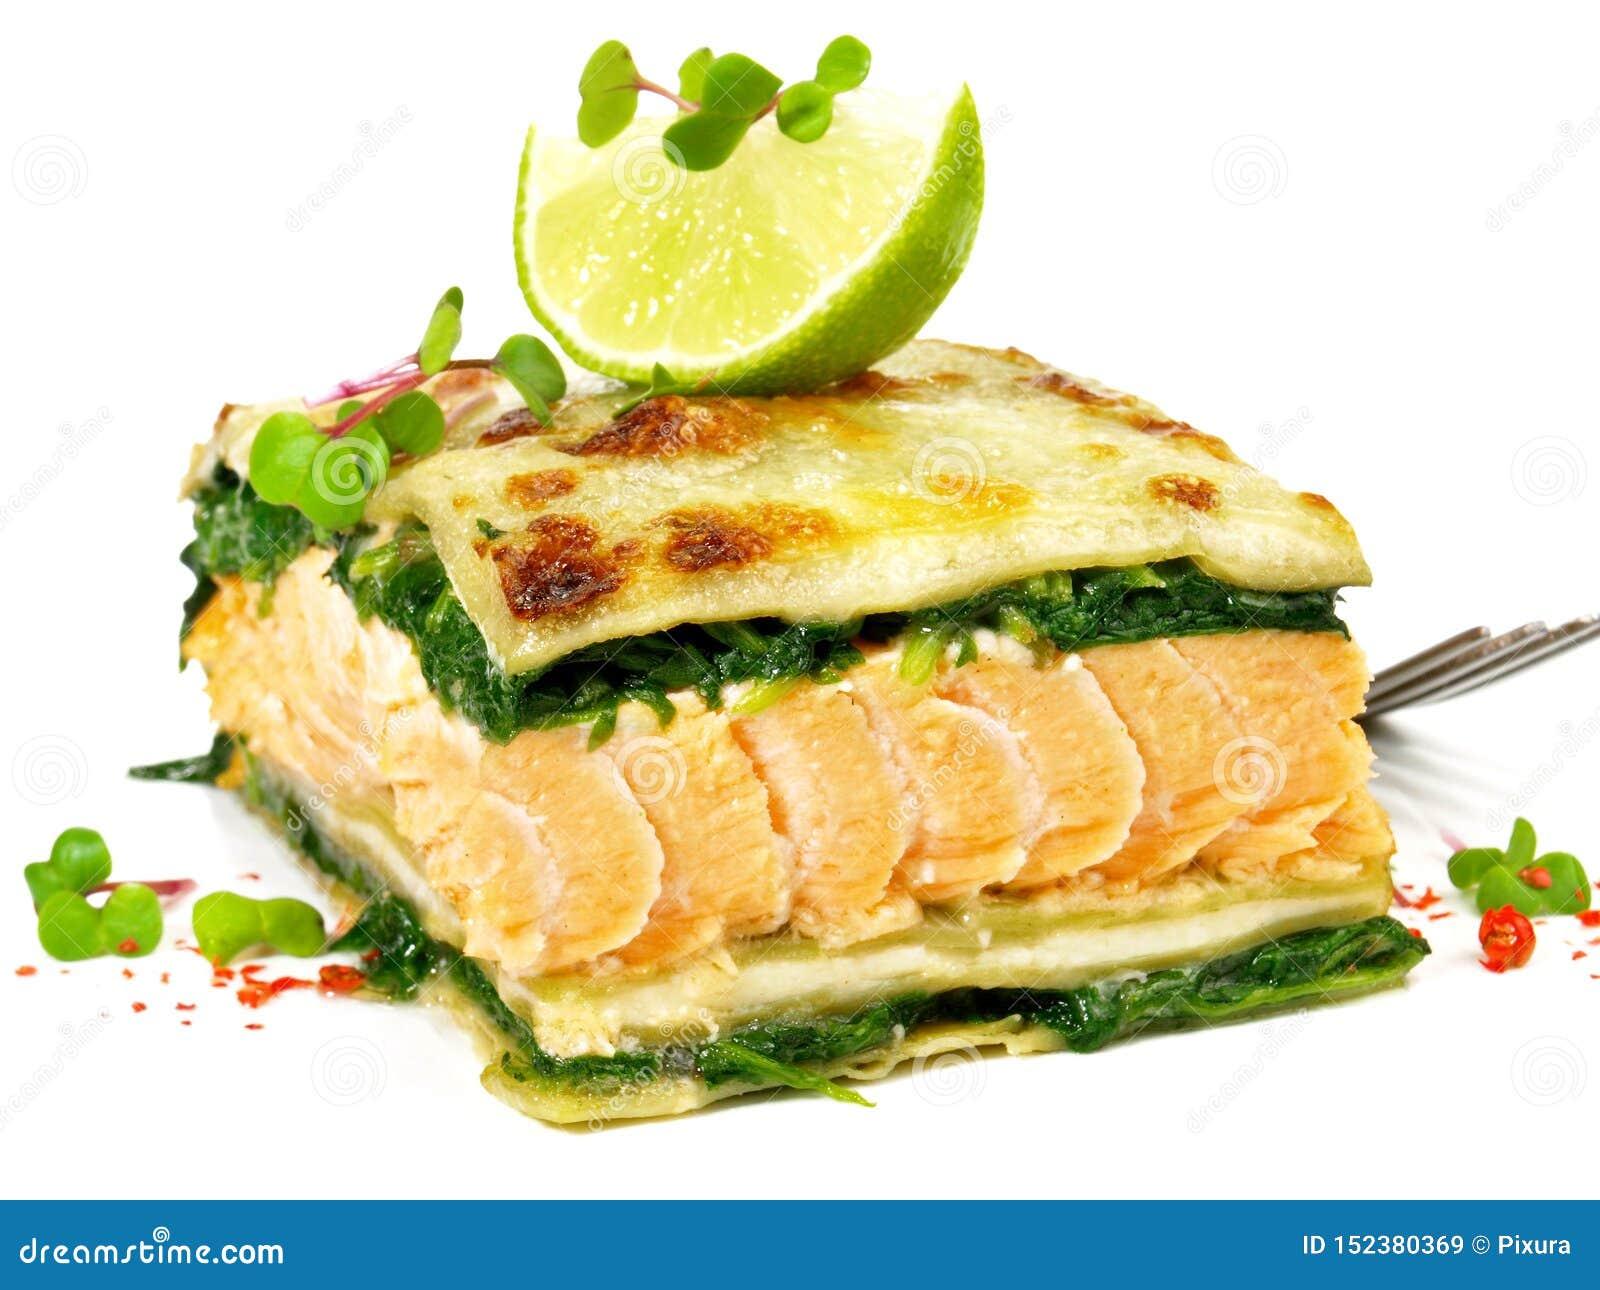 三文鱼烤宽面条-鱼烤宽面条